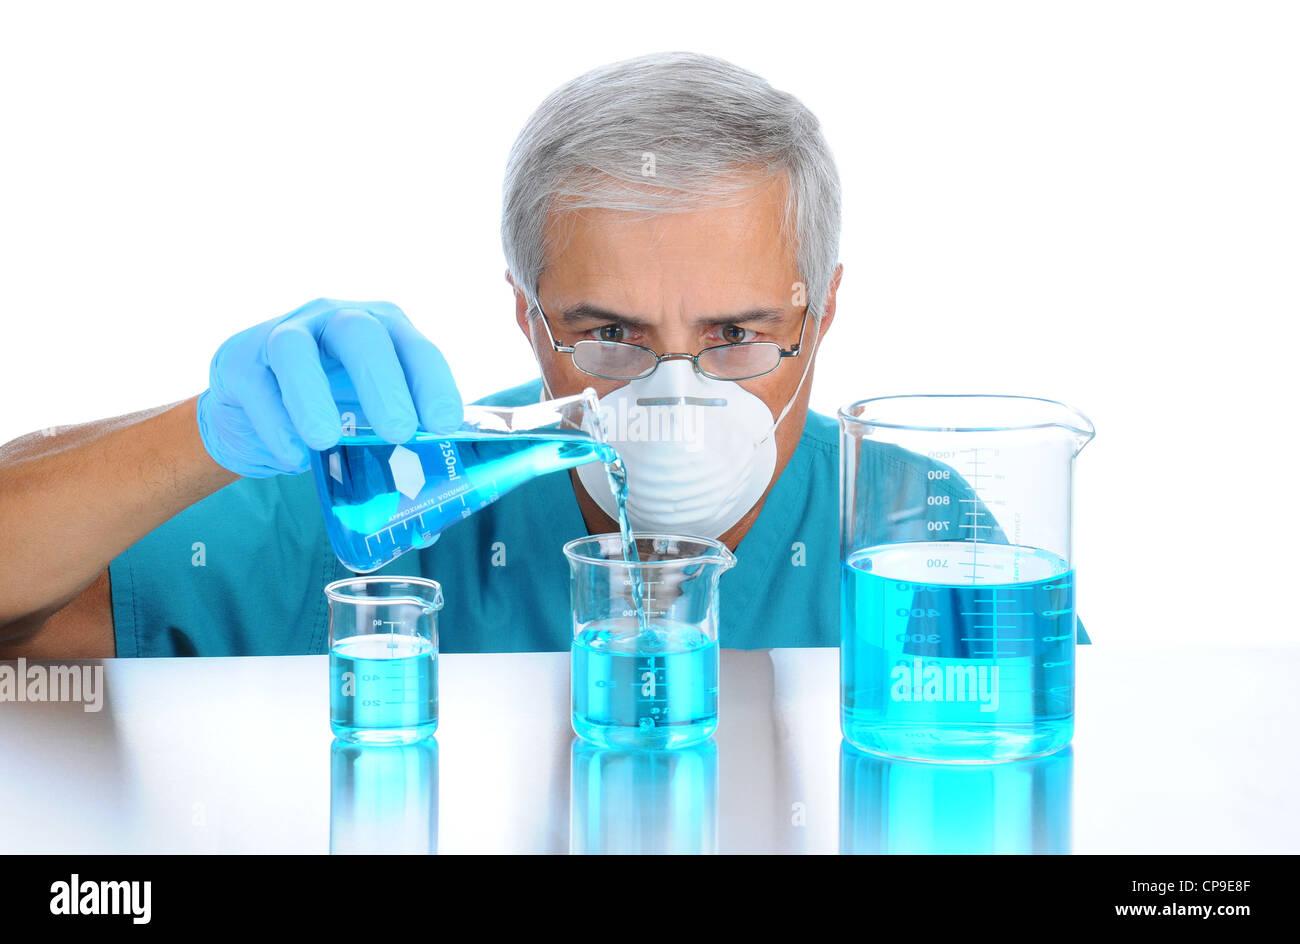 Scientist vertiendo medir líquidos en varios vasos de precipitados. Formato horizontal sobre un fondo blanco. Imagen De Stock